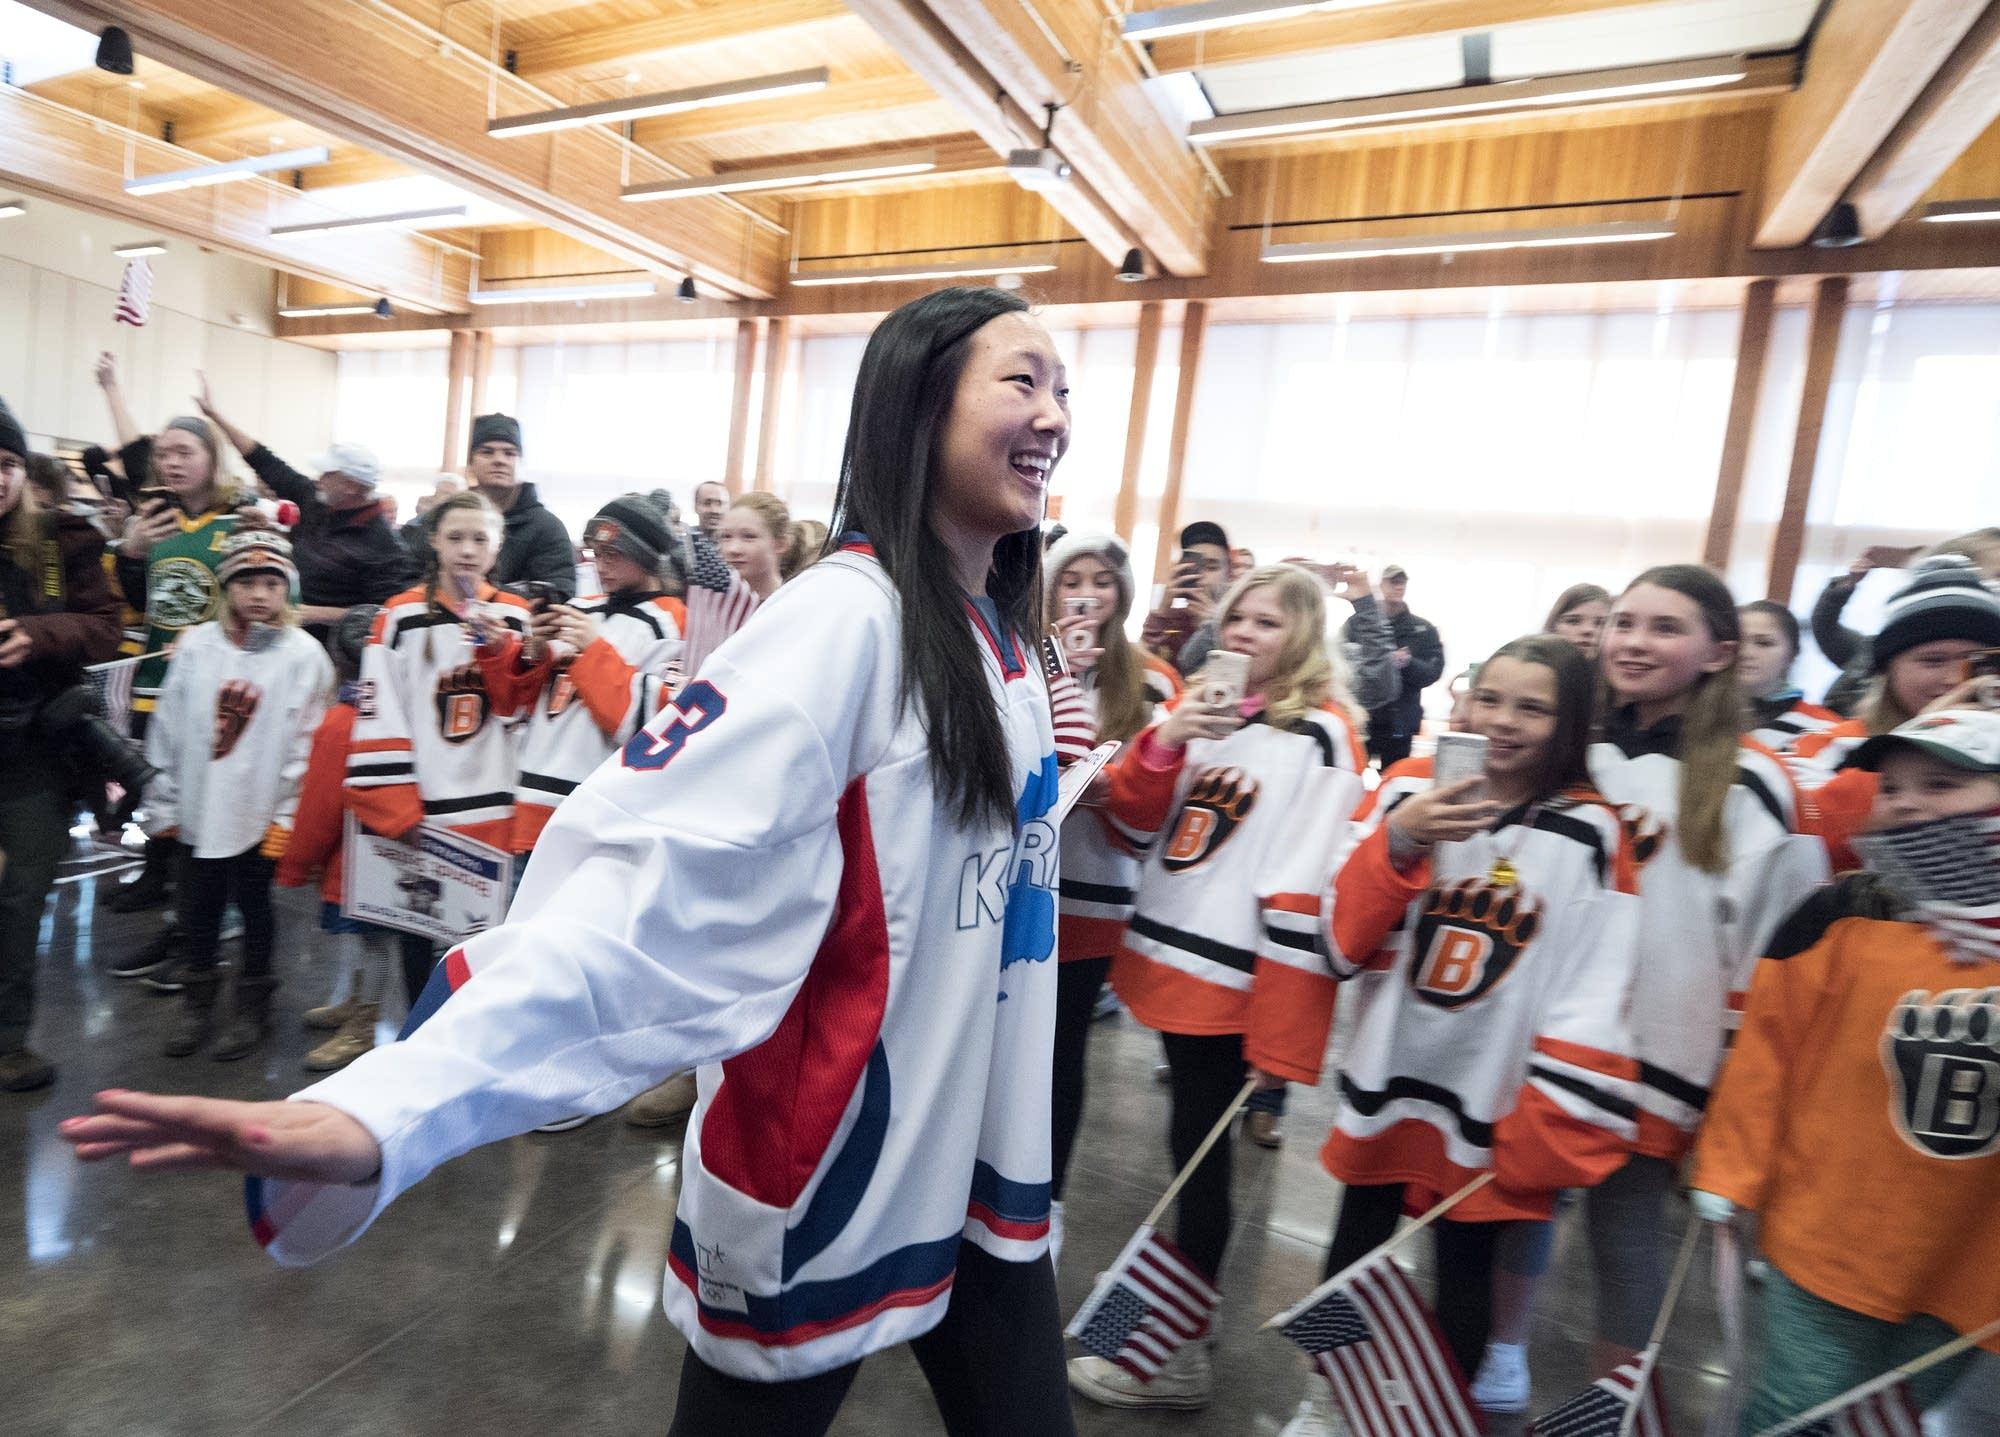 Marissa Brandt greets fans.